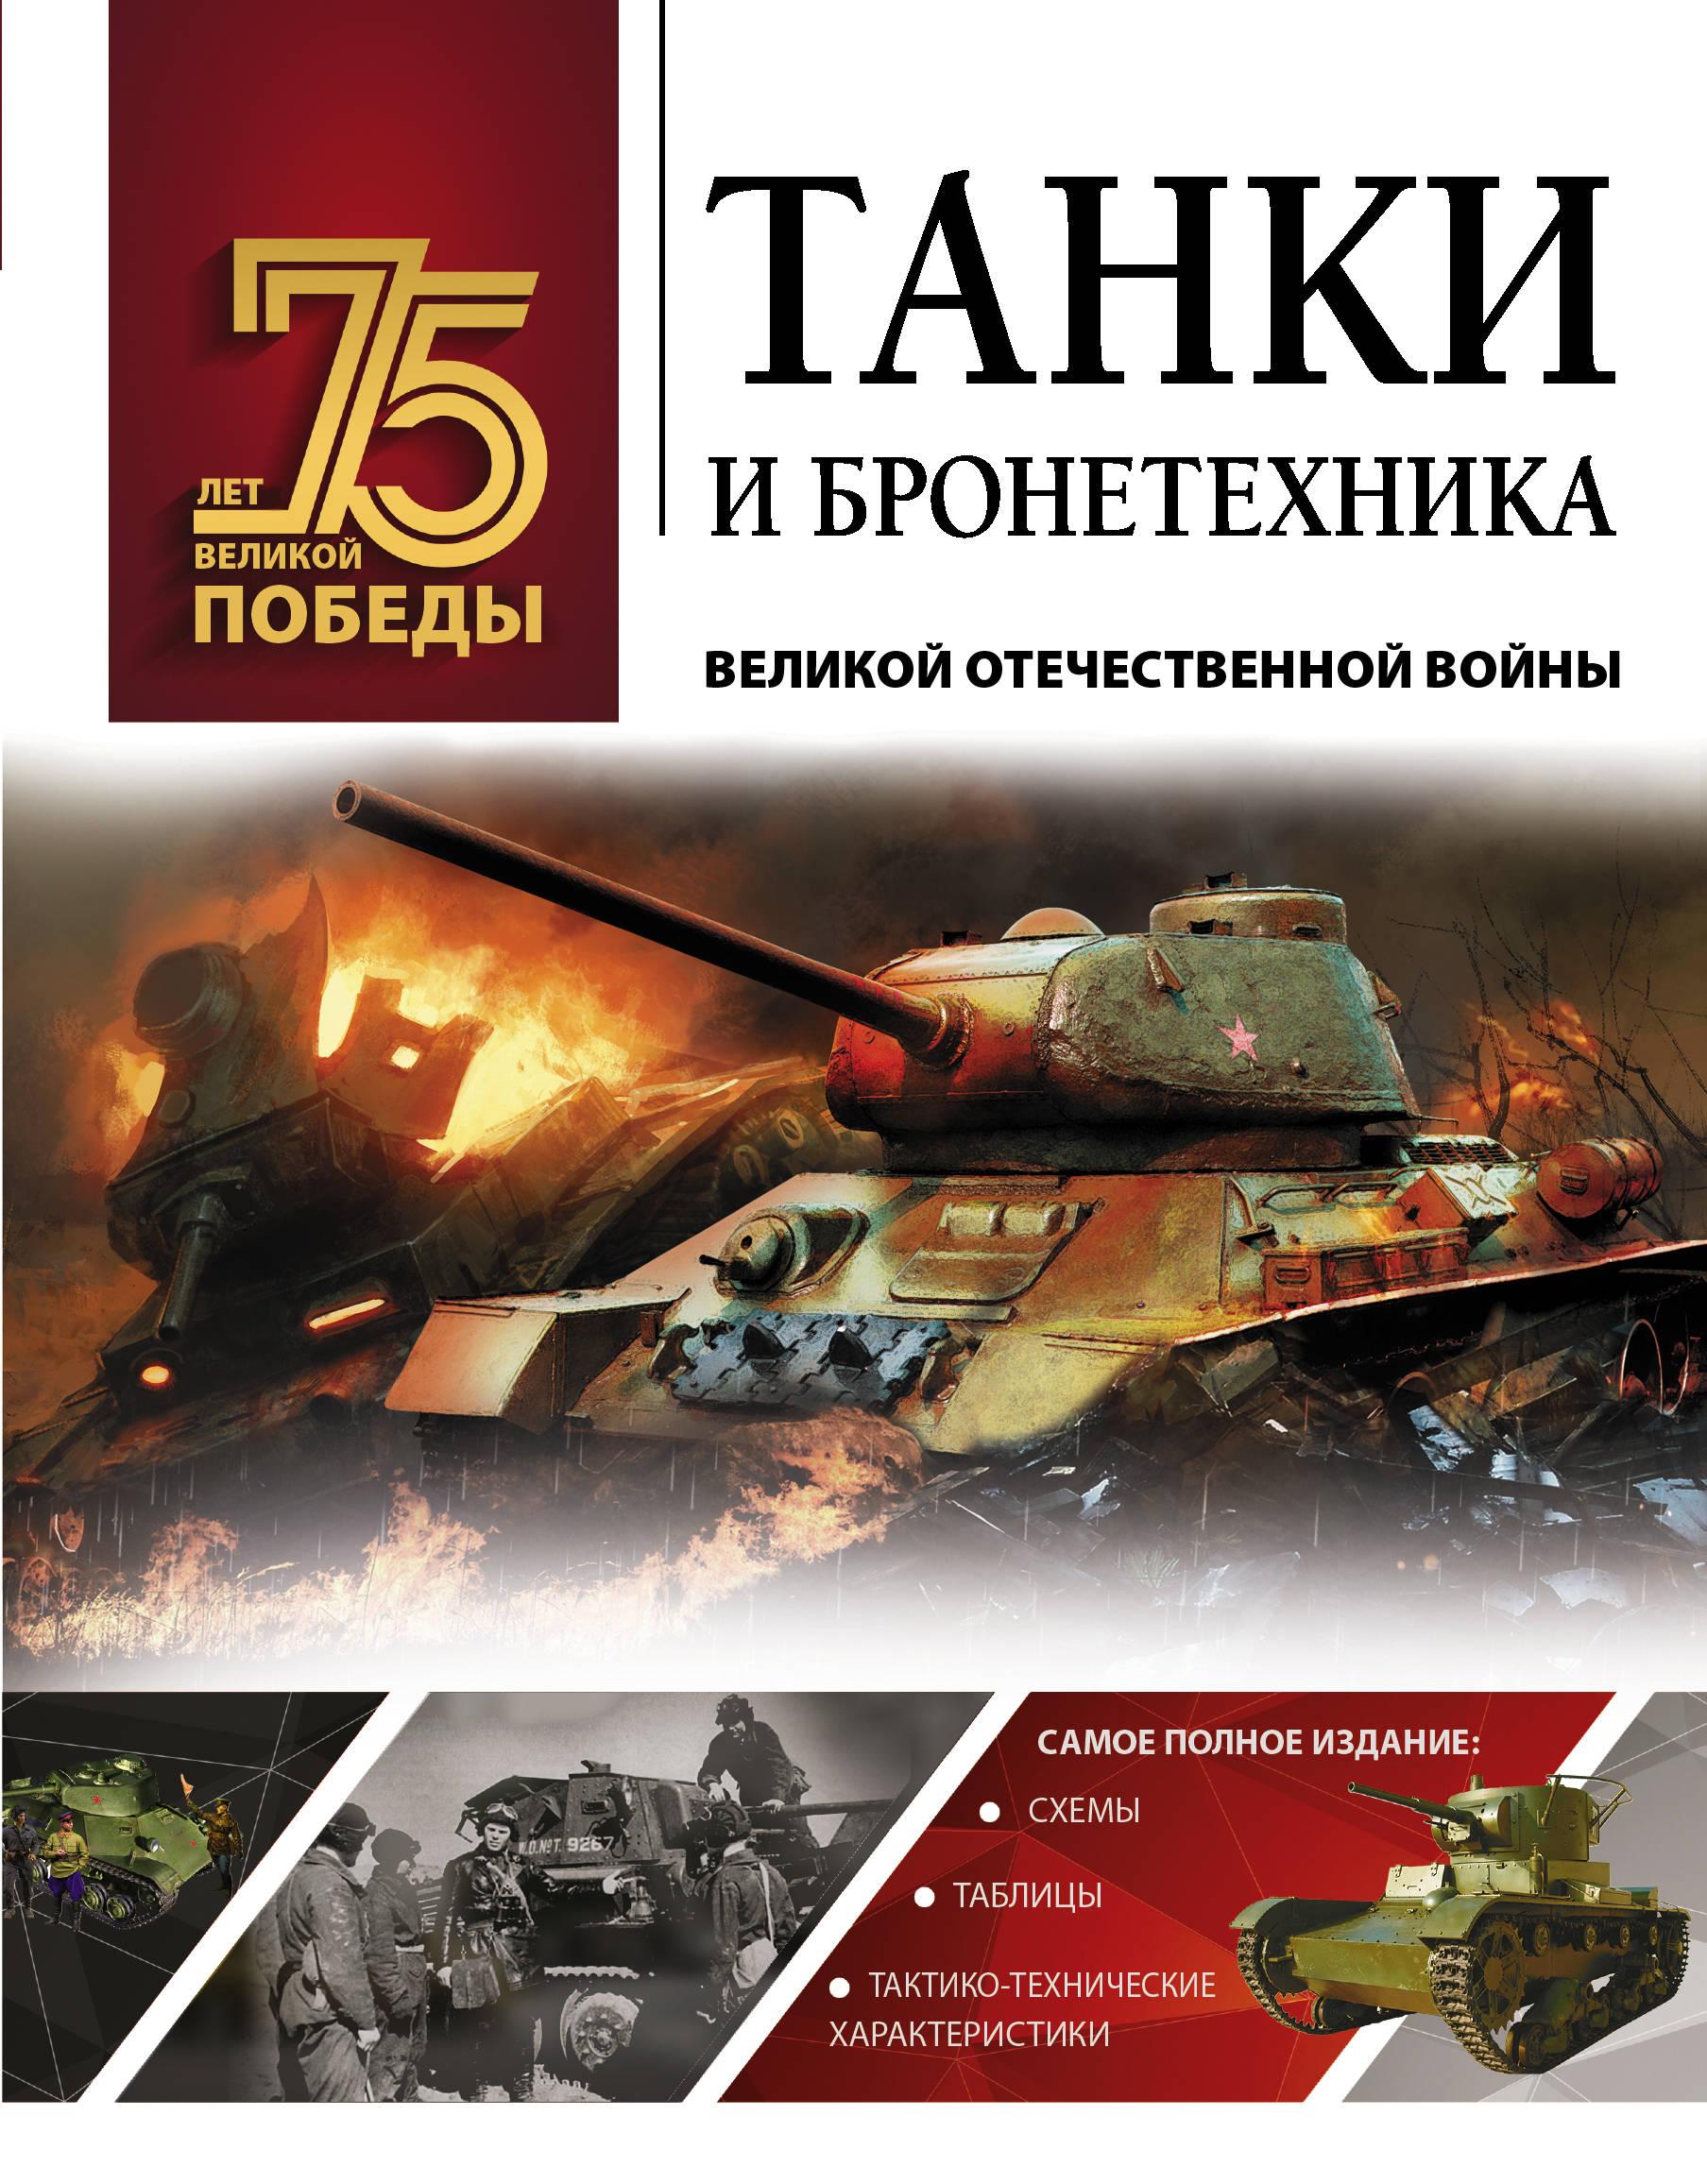 Tanki i bronetekhnika Velikoj Otechestvennoj vojny